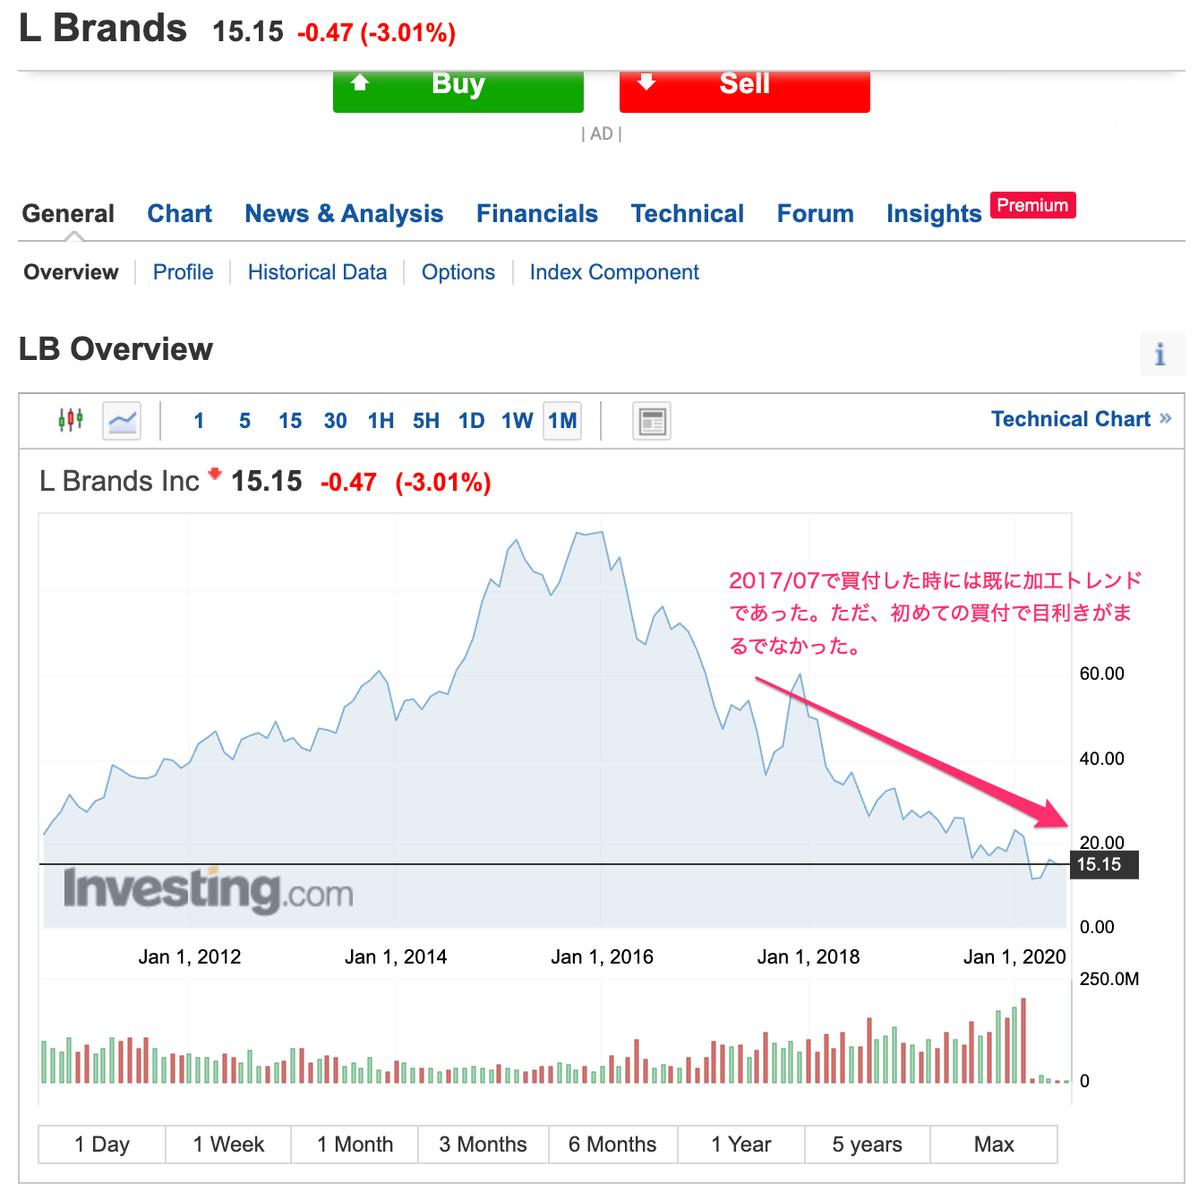 この画像はエルブランズの株価推移を表示しております。